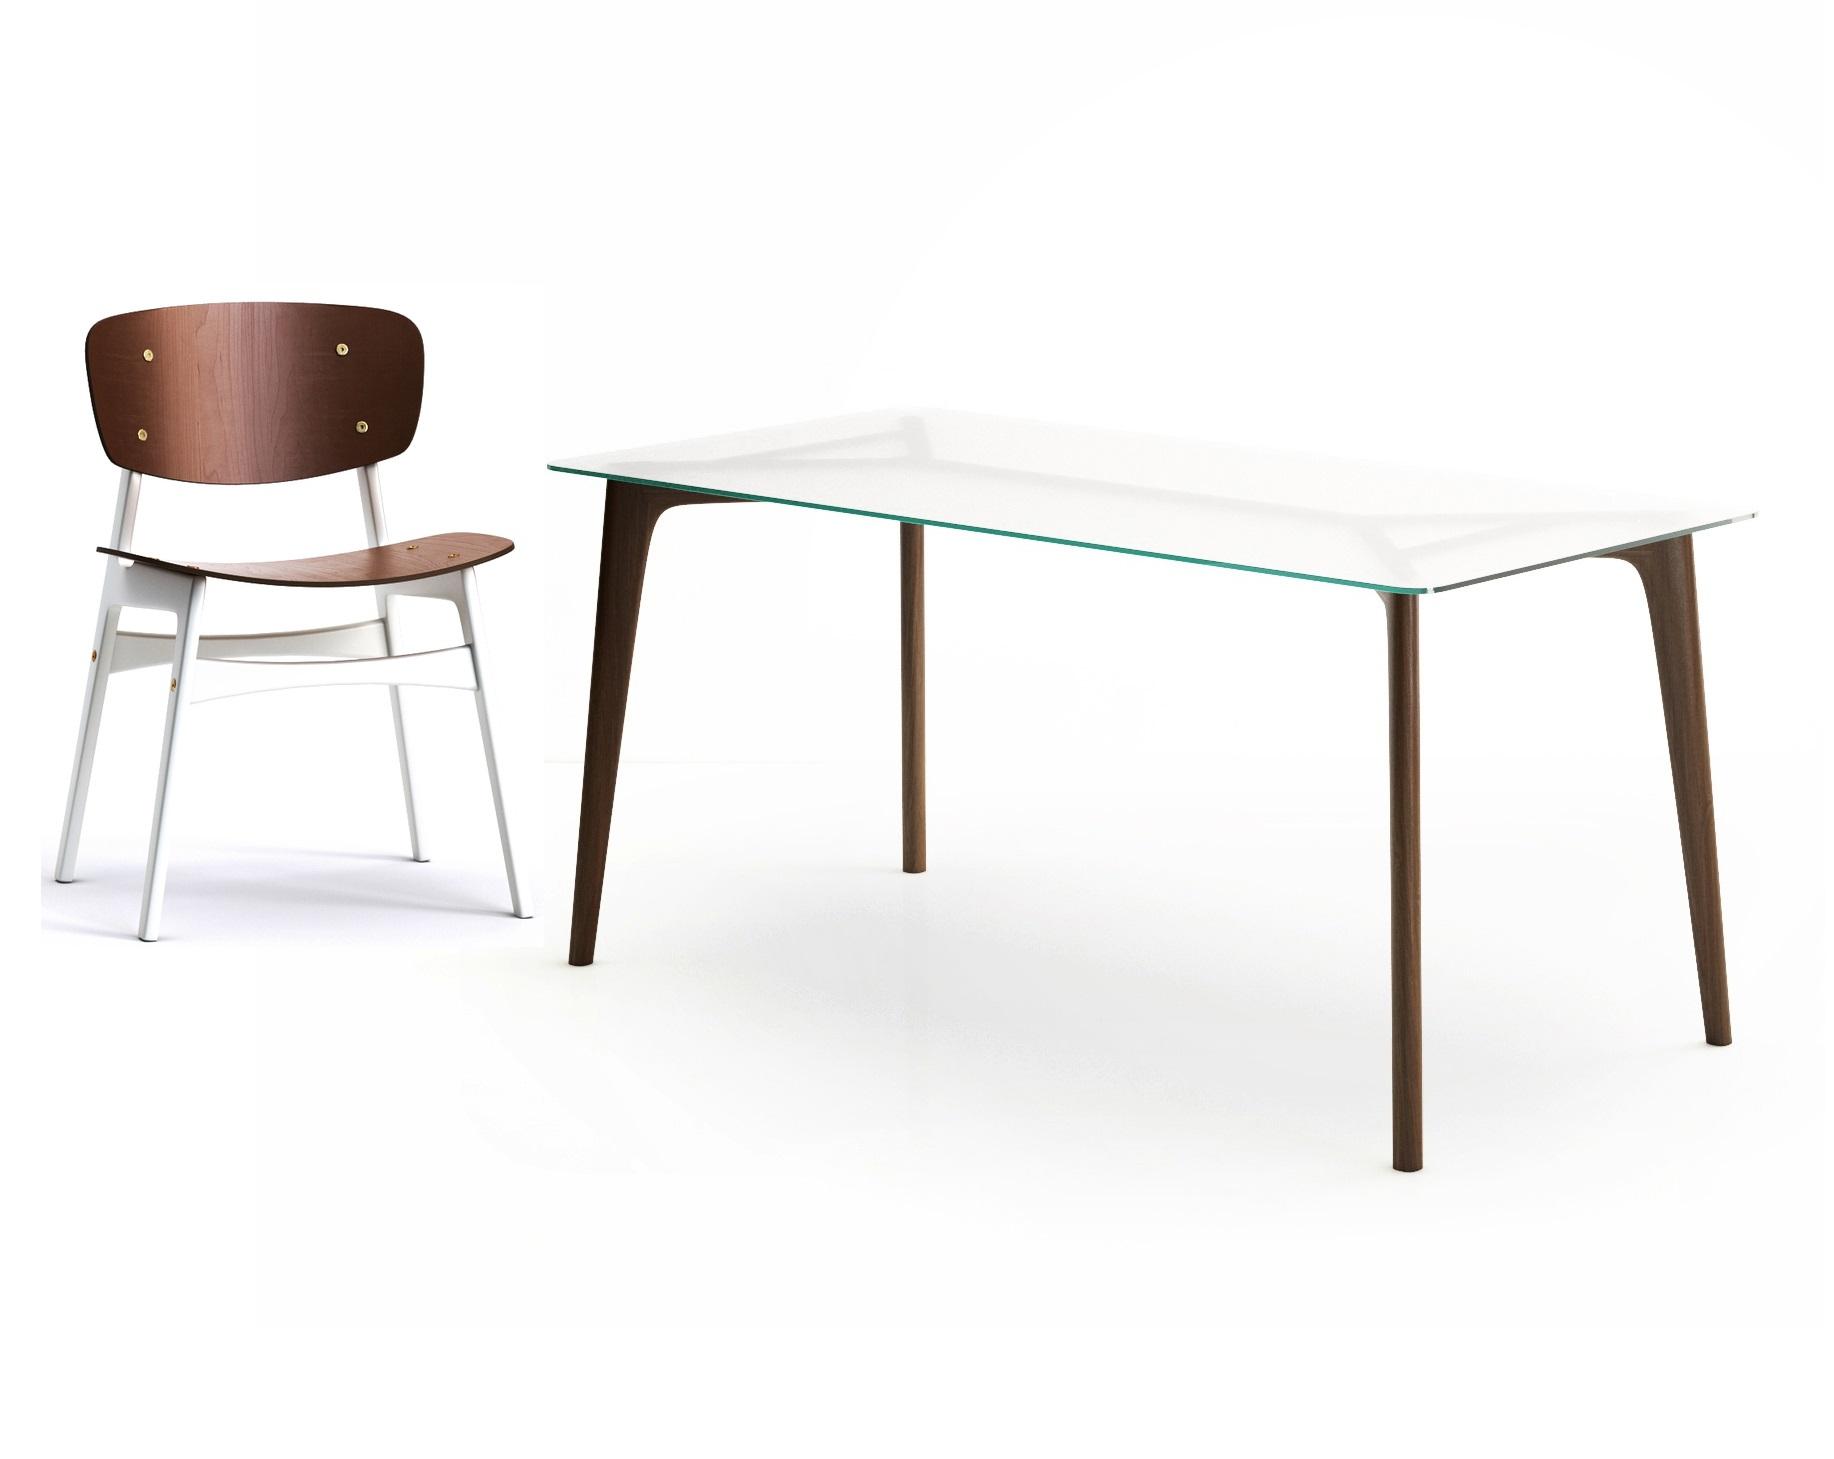 Обеденная группа FLOYD (стол + 6 стульев)Комплекты для столовой<br>&amp;lt;div&amp;gt;Обеденный стол, объединяет в себе простоту, комфорт и индивидуальность.&amp;amp;nbsp;&amp;lt;span style=&amp;quot;font-size: 14px;&amp;quot;&amp;gt;Столешница- матовое стекло, создающее ощущение легкости и невесомости. Размеры стола позволяют комфортно разместиться большому количеству людей. &amp;lt;/span&amp;gt;&amp;lt;span style=&amp;quot;font-size: 14px;&amp;quot;&amp;gt;Стильный и практичный стул обрадует поклонников скандинавского дизайна. Спинка и сидение слегка изогнуты, что обеспечит полный комфорт во время трапезы.&amp;lt;/span&amp;gt;&amp;lt;/div&amp;gt;&amp;lt;div&amp;gt;&amp;lt;br&amp;gt;&amp;lt;/div&amp;gt;&amp;lt;div&amp;gt;Размеры стола:160/75/80 см&amp;lt;br&amp;gt;&amp;lt;/div&amp;gt;&amp;lt;div&amp;gt;Материал стола: Стекло&amp;lt;br&amp;gt;&amp;lt;/div&amp;gt;&amp;lt;div&amp;gt;Размеры стула:54/46/78 см&amp;lt;br&amp;gt;&amp;lt;/div&amp;gt;&amp;lt;div&amp;gt;Материал стула: Дерево&amp;lt;/div&amp;gt;&amp;lt;div&amp;gt;&amp;lt;span style=&amp;quot;font-size: 14px;&amp;quot;&amp;gt;Возможность изготовления комплекта в других цветах и с разным материалом каркаса&amp;lt;/span&amp;gt;&amp;lt;br&amp;gt;&amp;lt;/div&amp;gt;<br><br>Material: Стекло<br>Length см: None<br>Width см: 160<br>Depth см: 75<br>Height см: 80